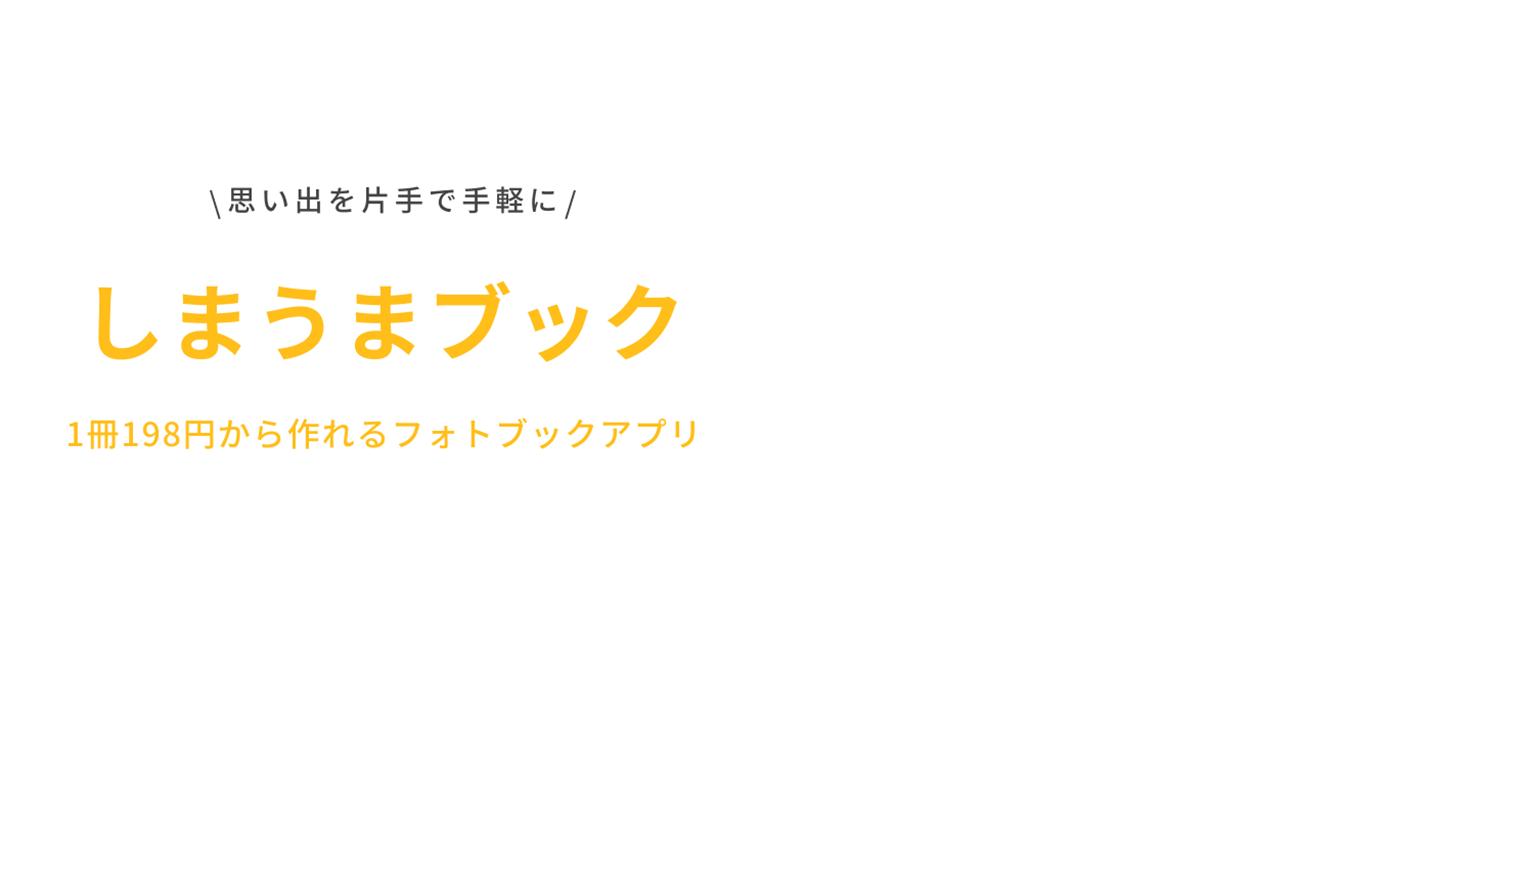 思い出を片手で手軽に しまうまブック 1冊198円から作れるフォトブックアプリ